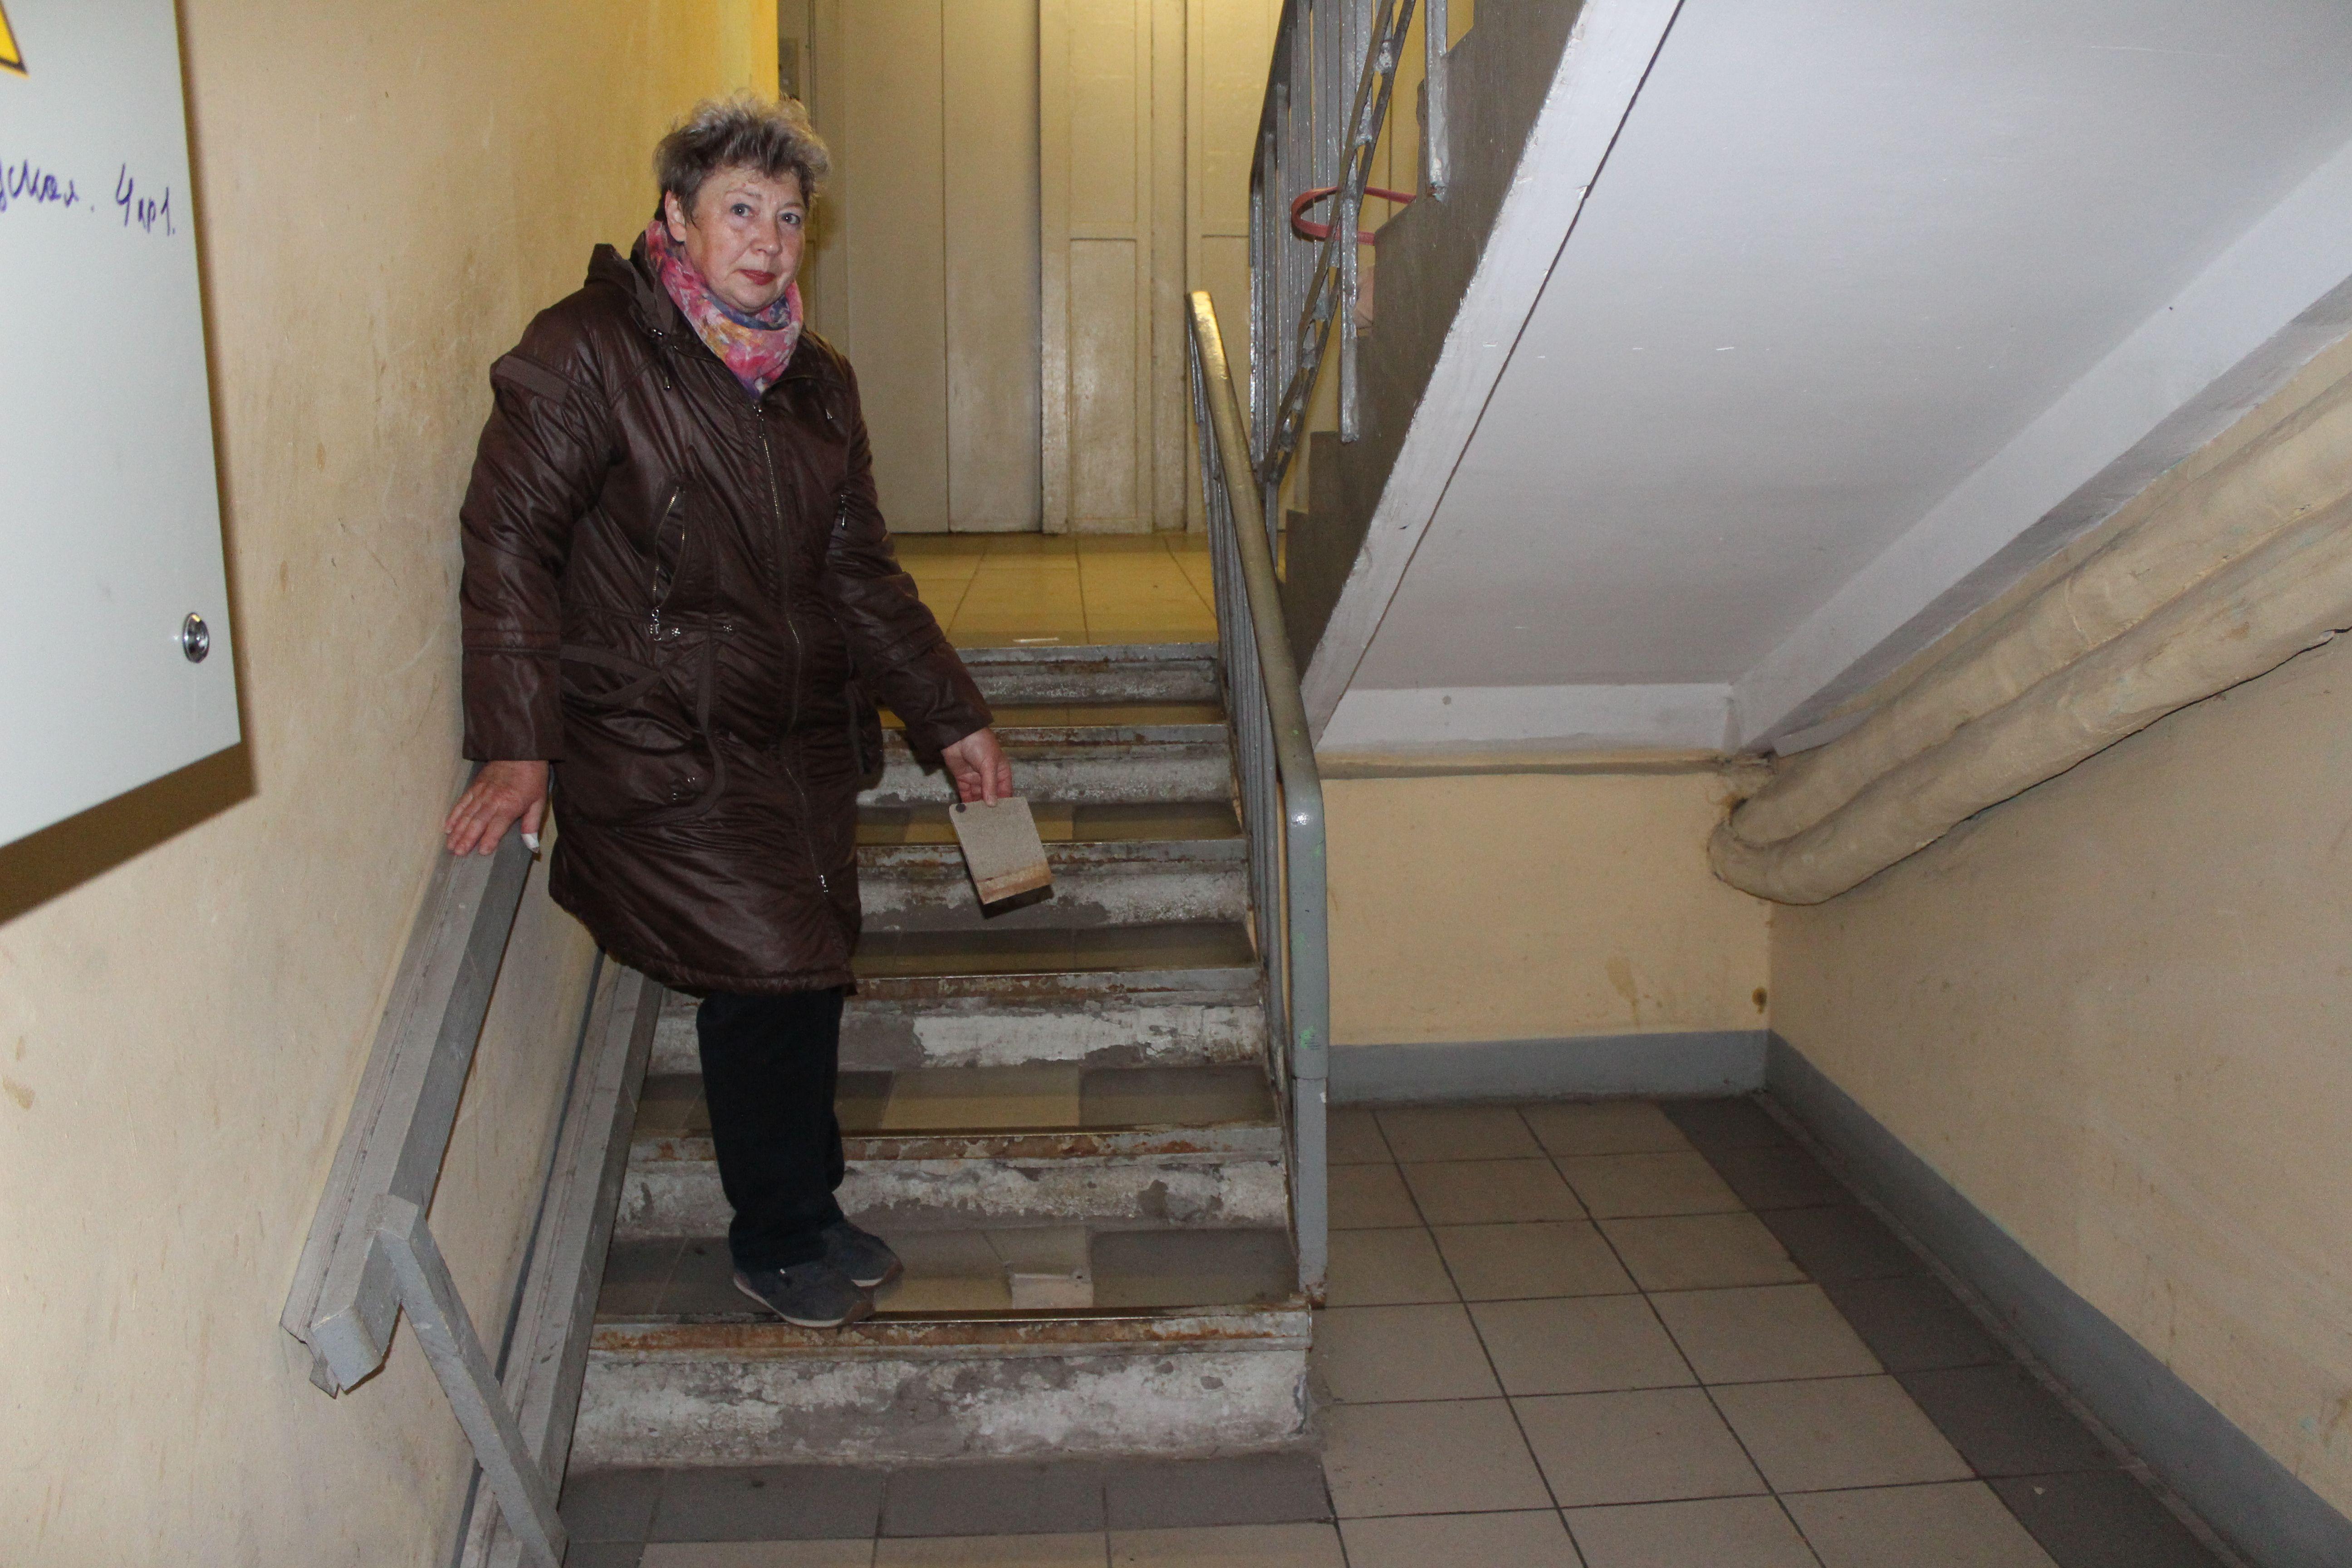 5 октября 2019 года. Вера Рощина показывает отвалившуюся плитку (1). 14 октября 2019 года. Фото: Андрей Объедков